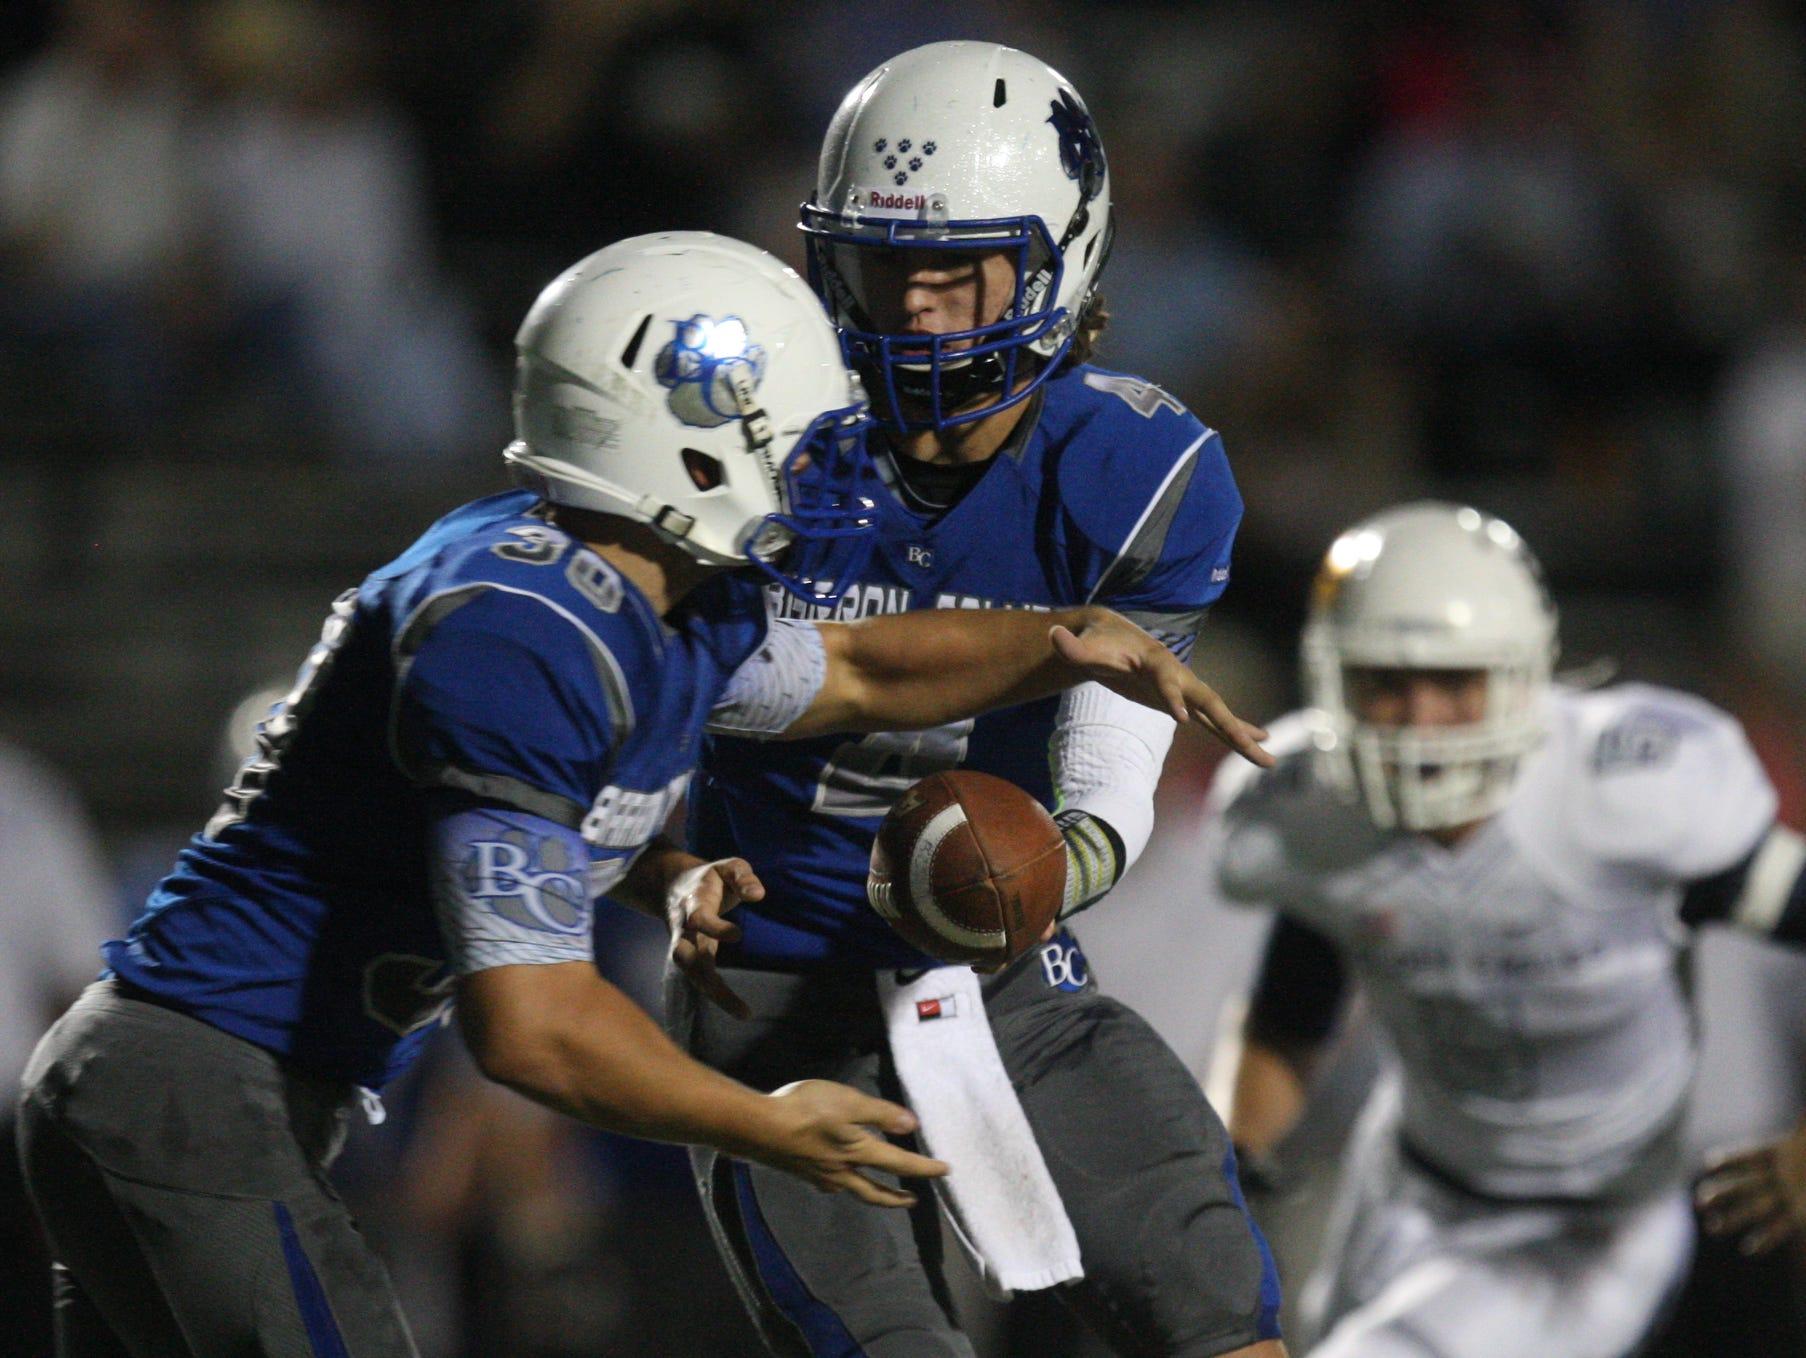 Action between Naples High School and Barron Collier on Friday at Barron Collier High School in Naples. Naples beat Barron Collier 48-14.